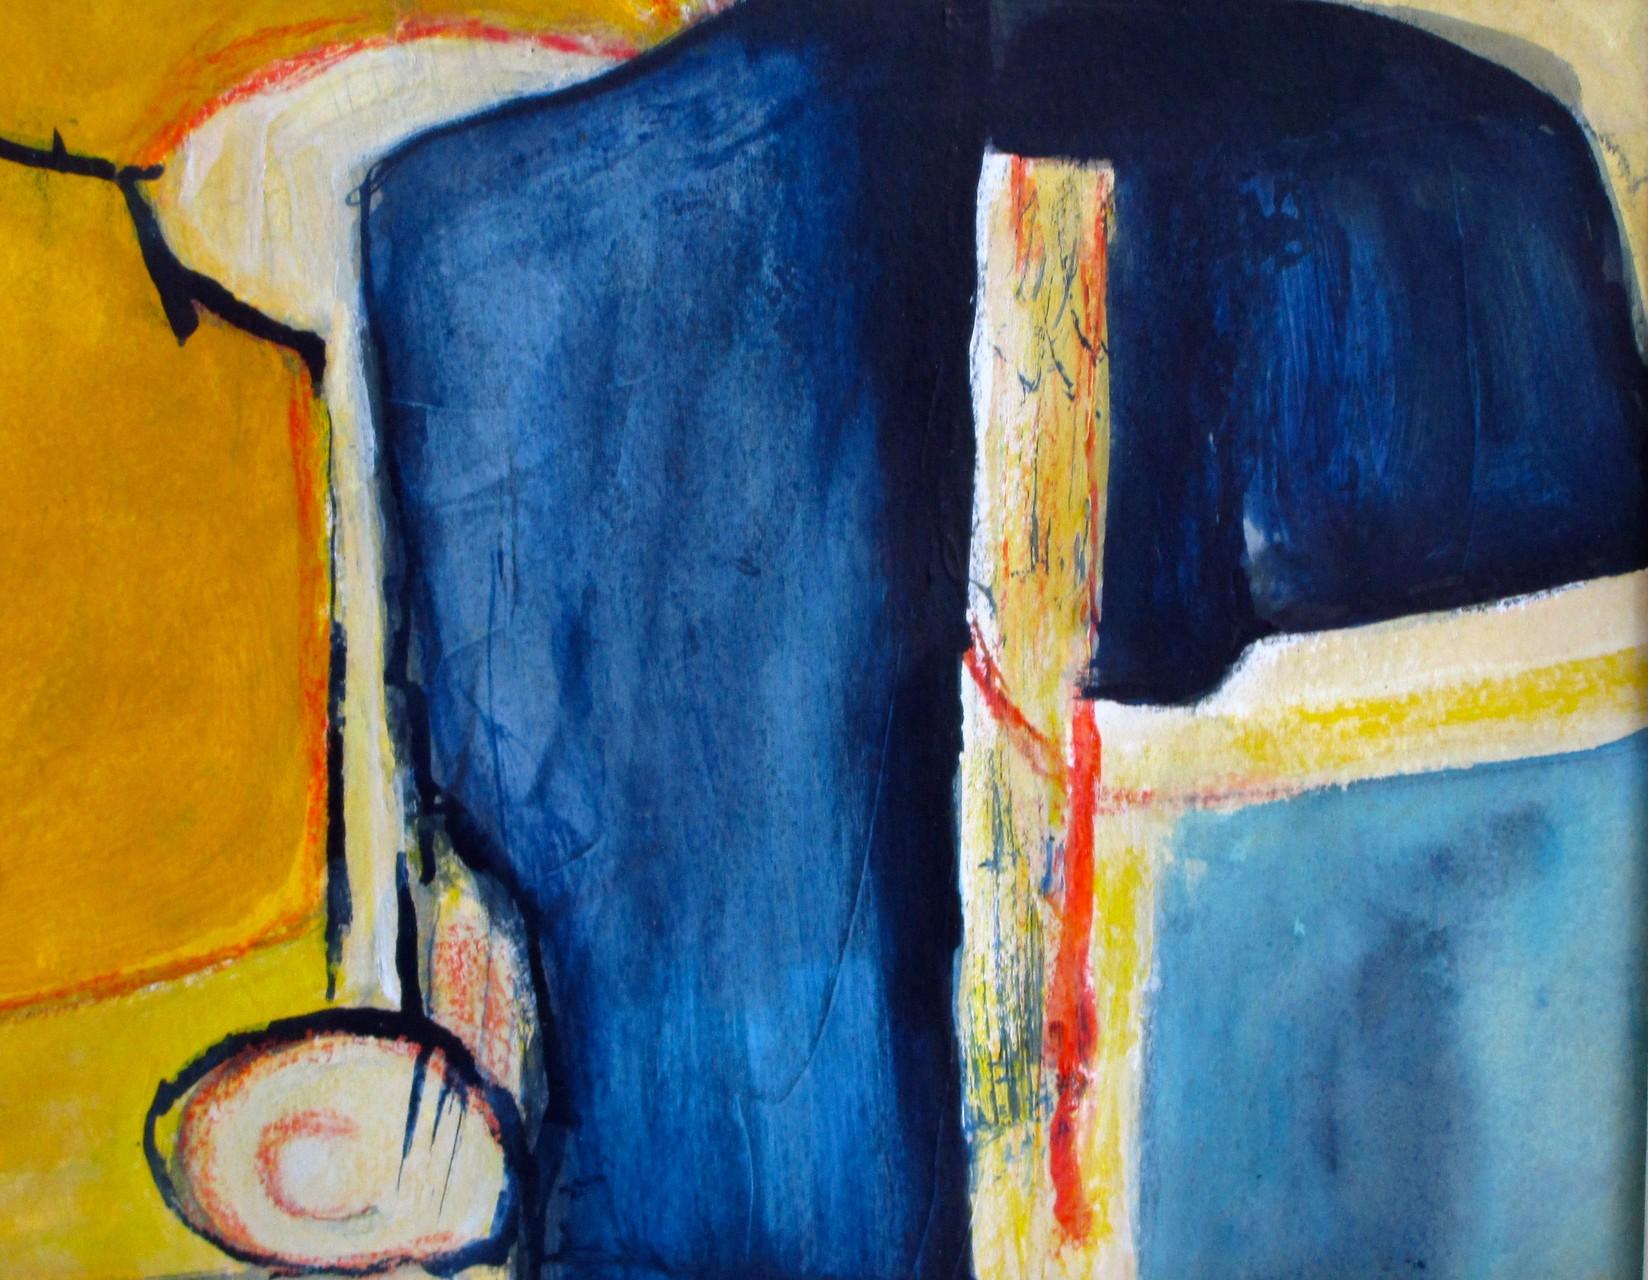 Rio Grande, watercolor, 9.5 x 7.5, 2015